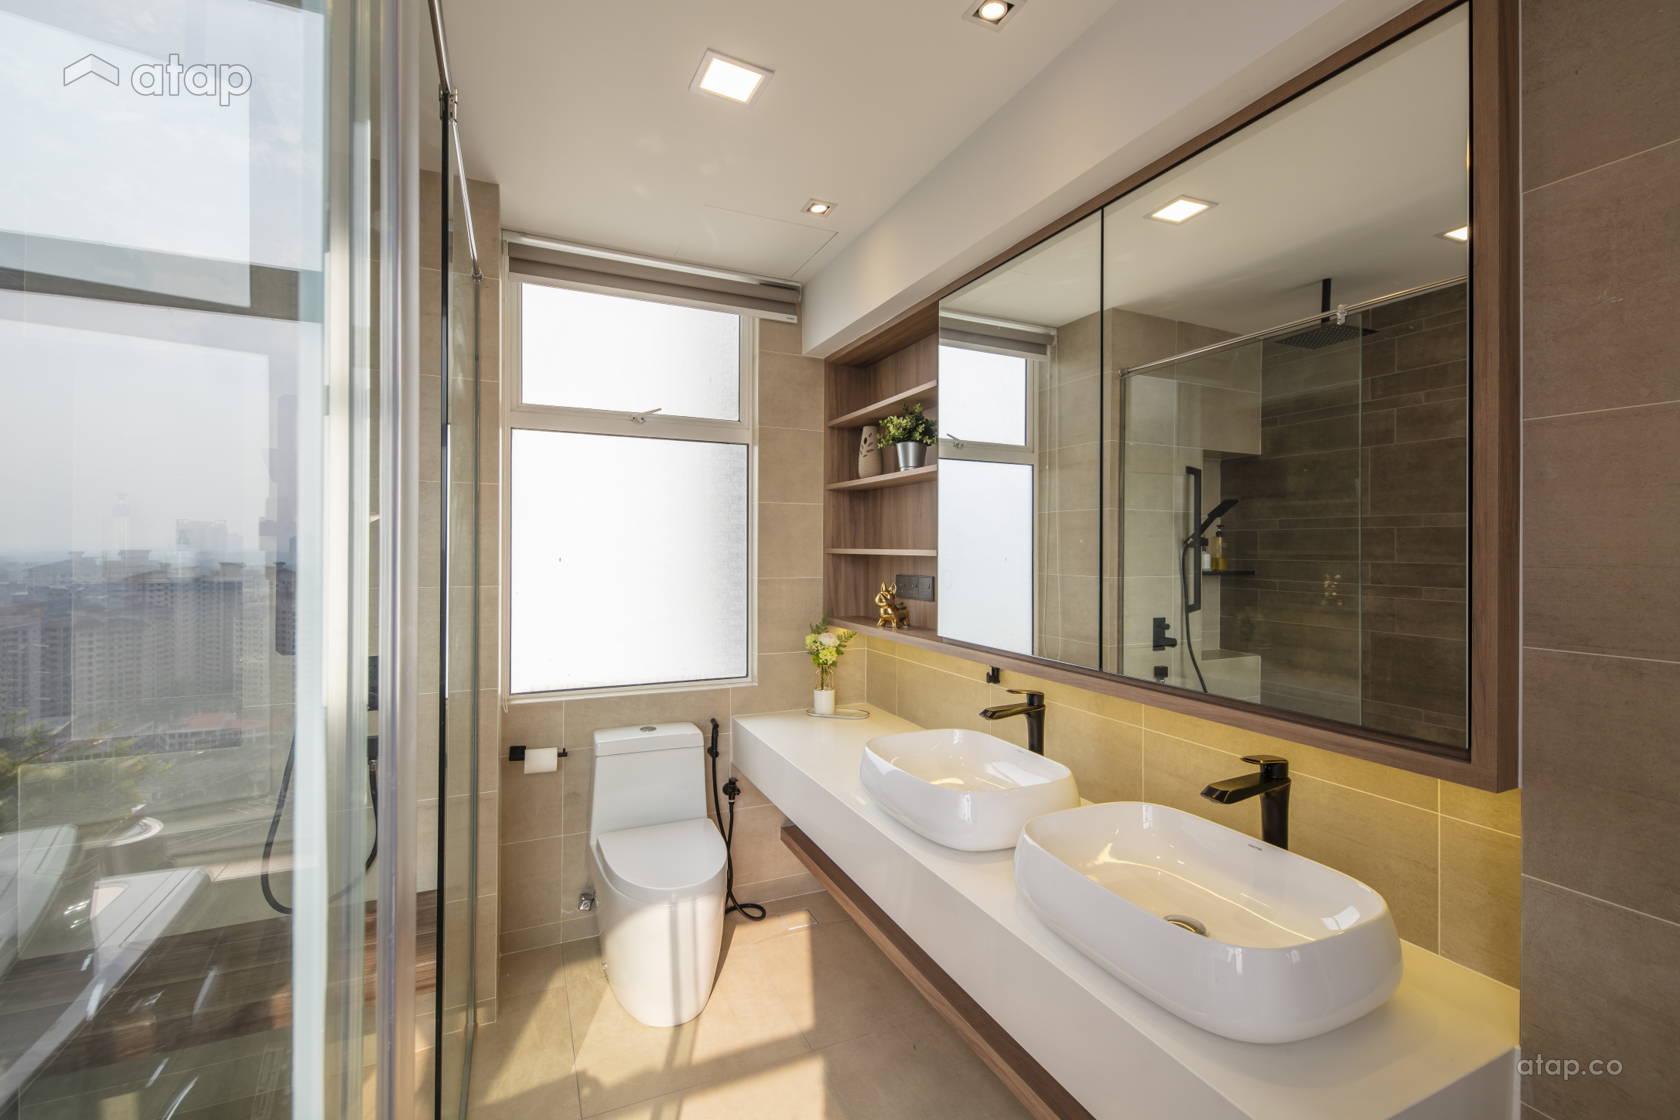 spa-worthy bathroom